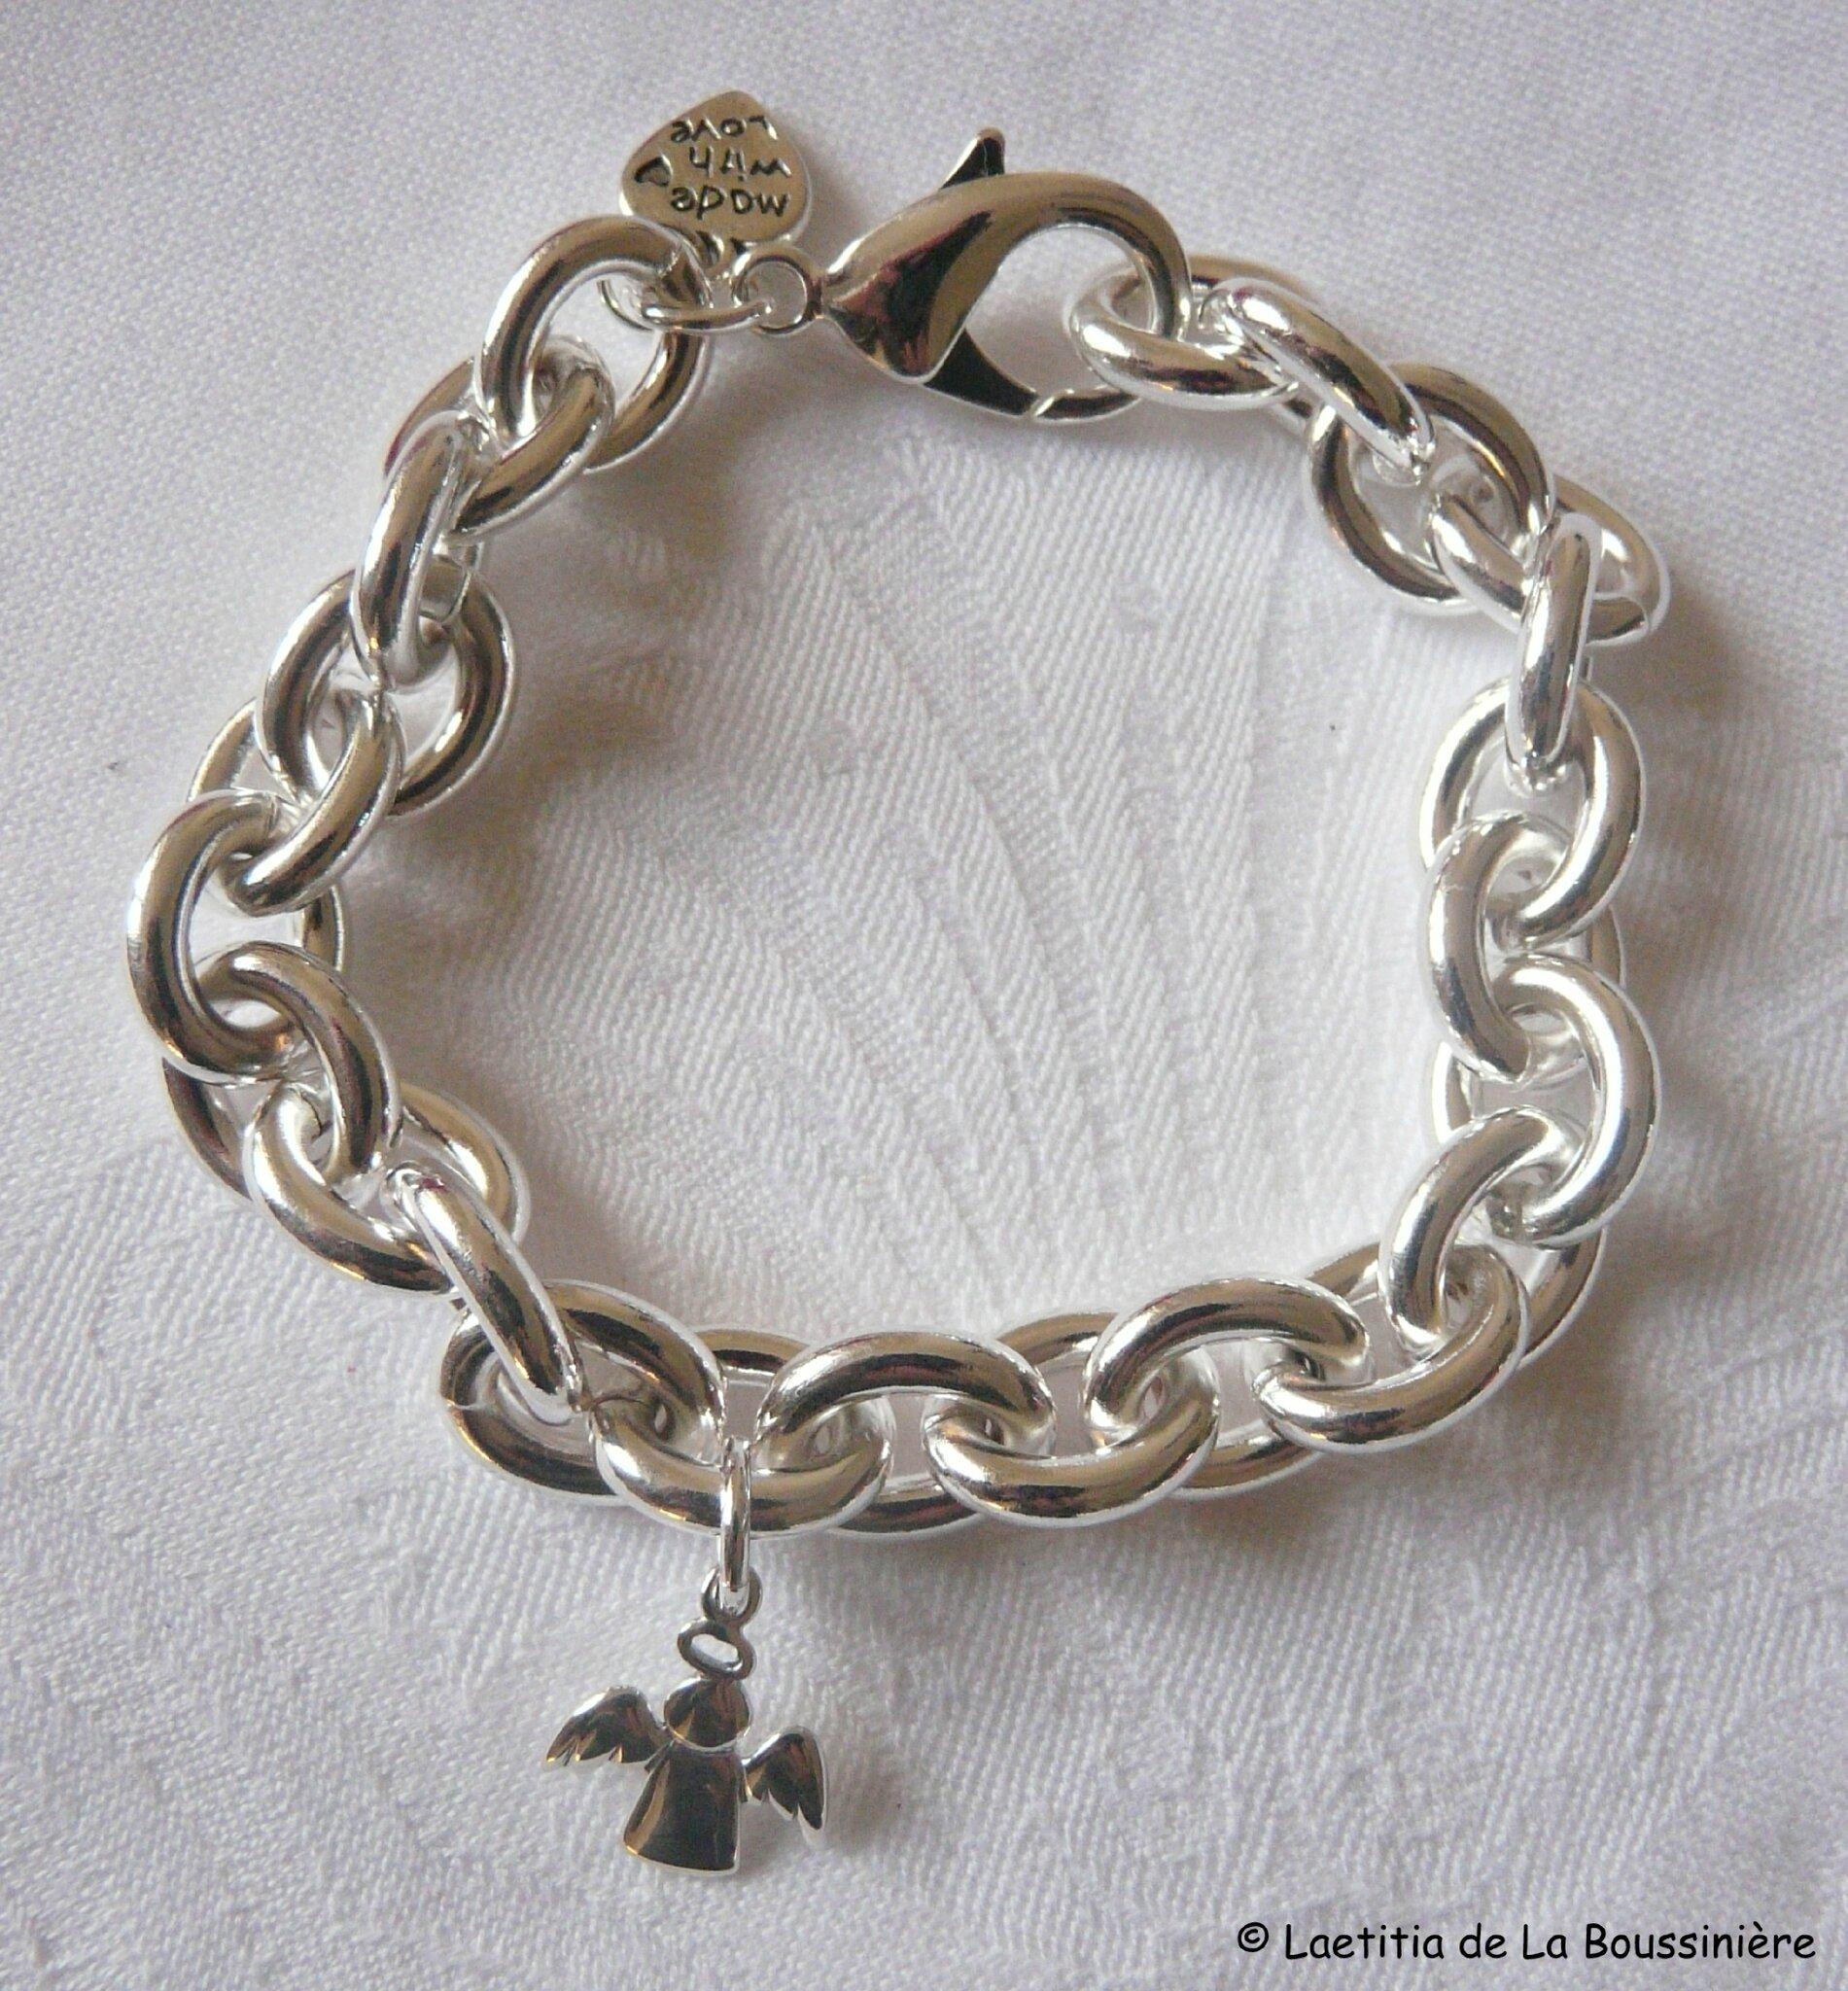 Bracelet sur chaîne plaqué argent ovale composé de 3 médailles en nacre  gravées, d\u0027